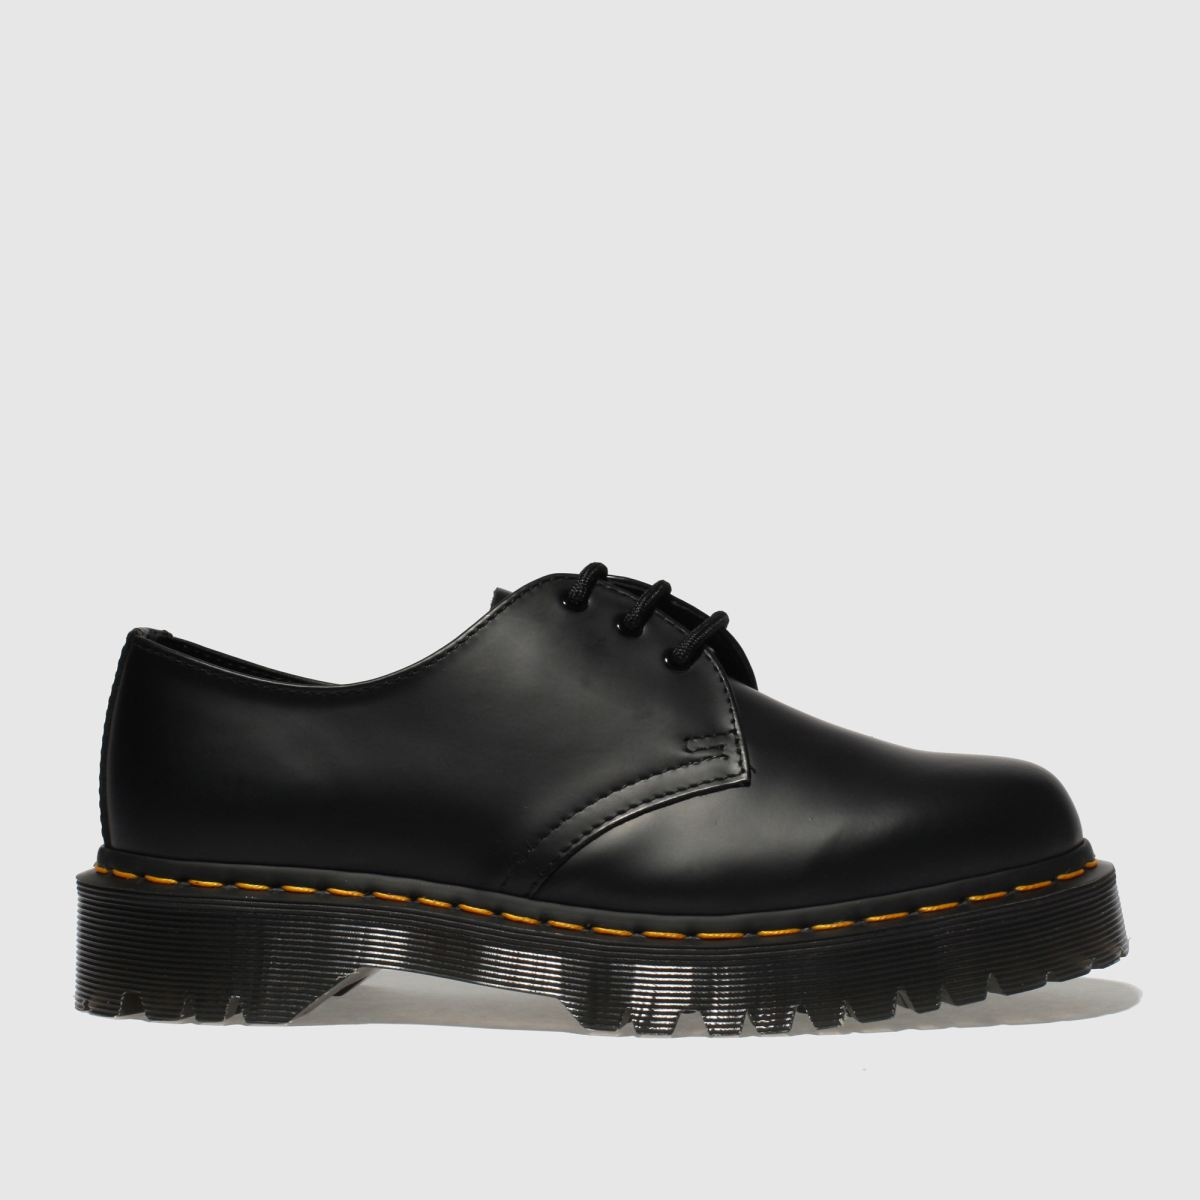 Dr Martens Black 1461 Bex Shoe Flat Shoes